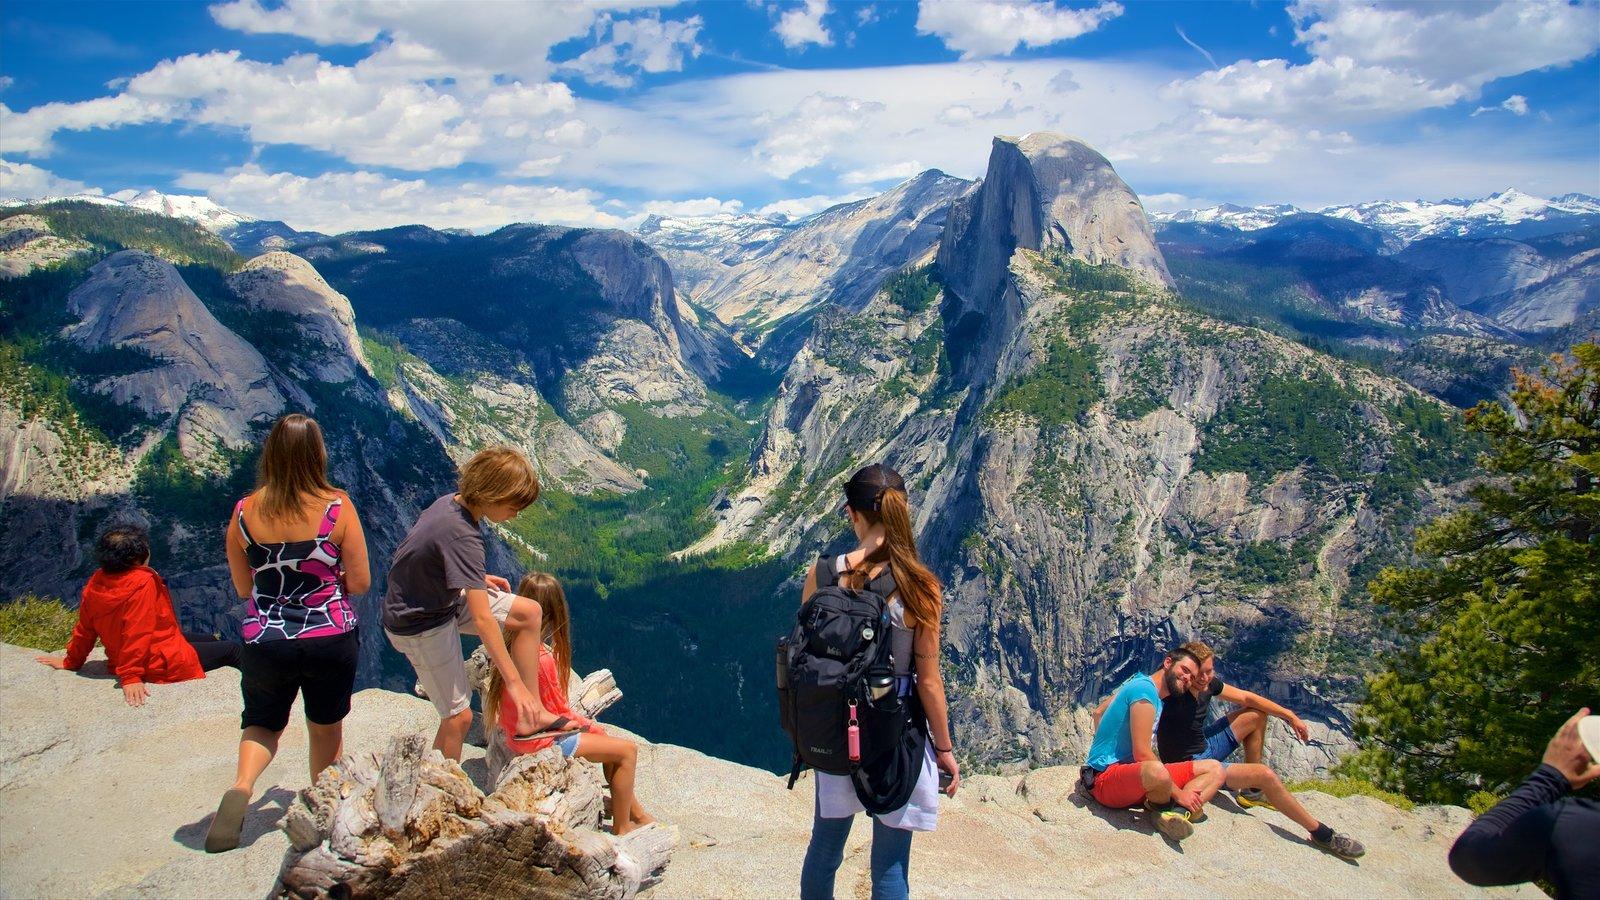 Glacier Point que inclui paisagem e montanhas assim como um grande grupo de pessoas